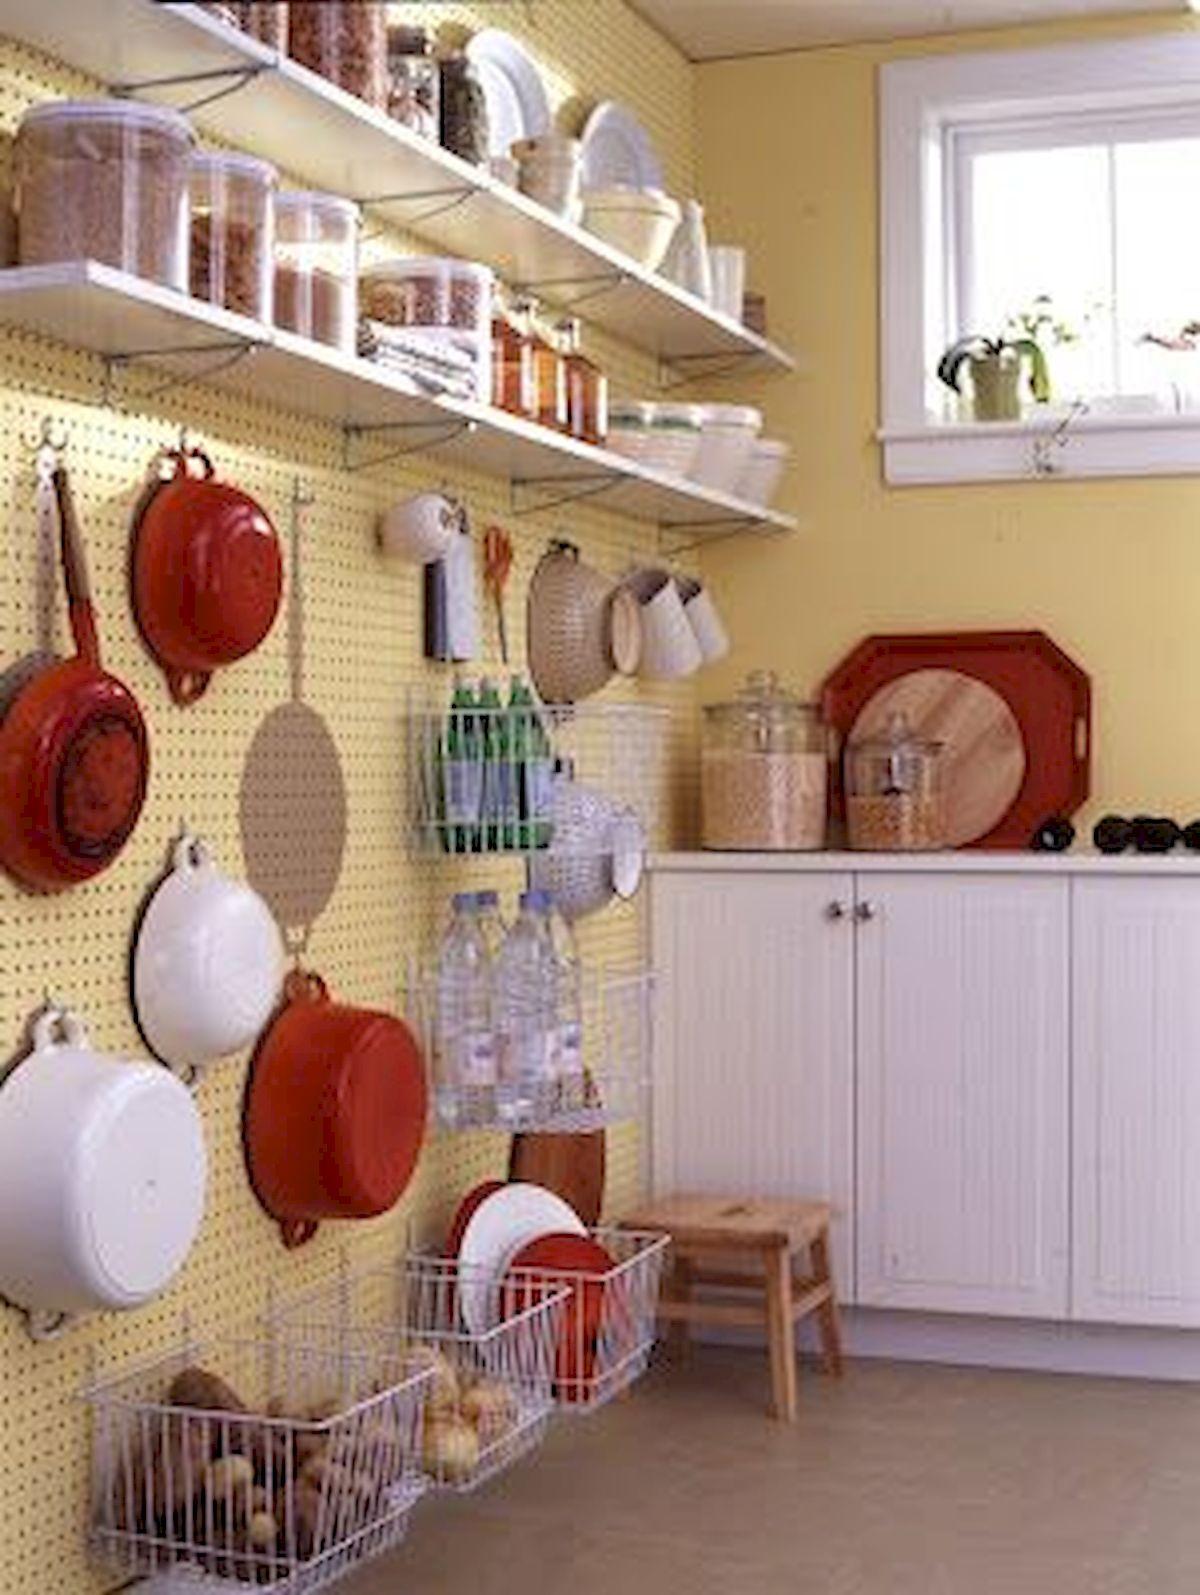 46 Creative DIY Small Kitchen Storage Ideas (30)